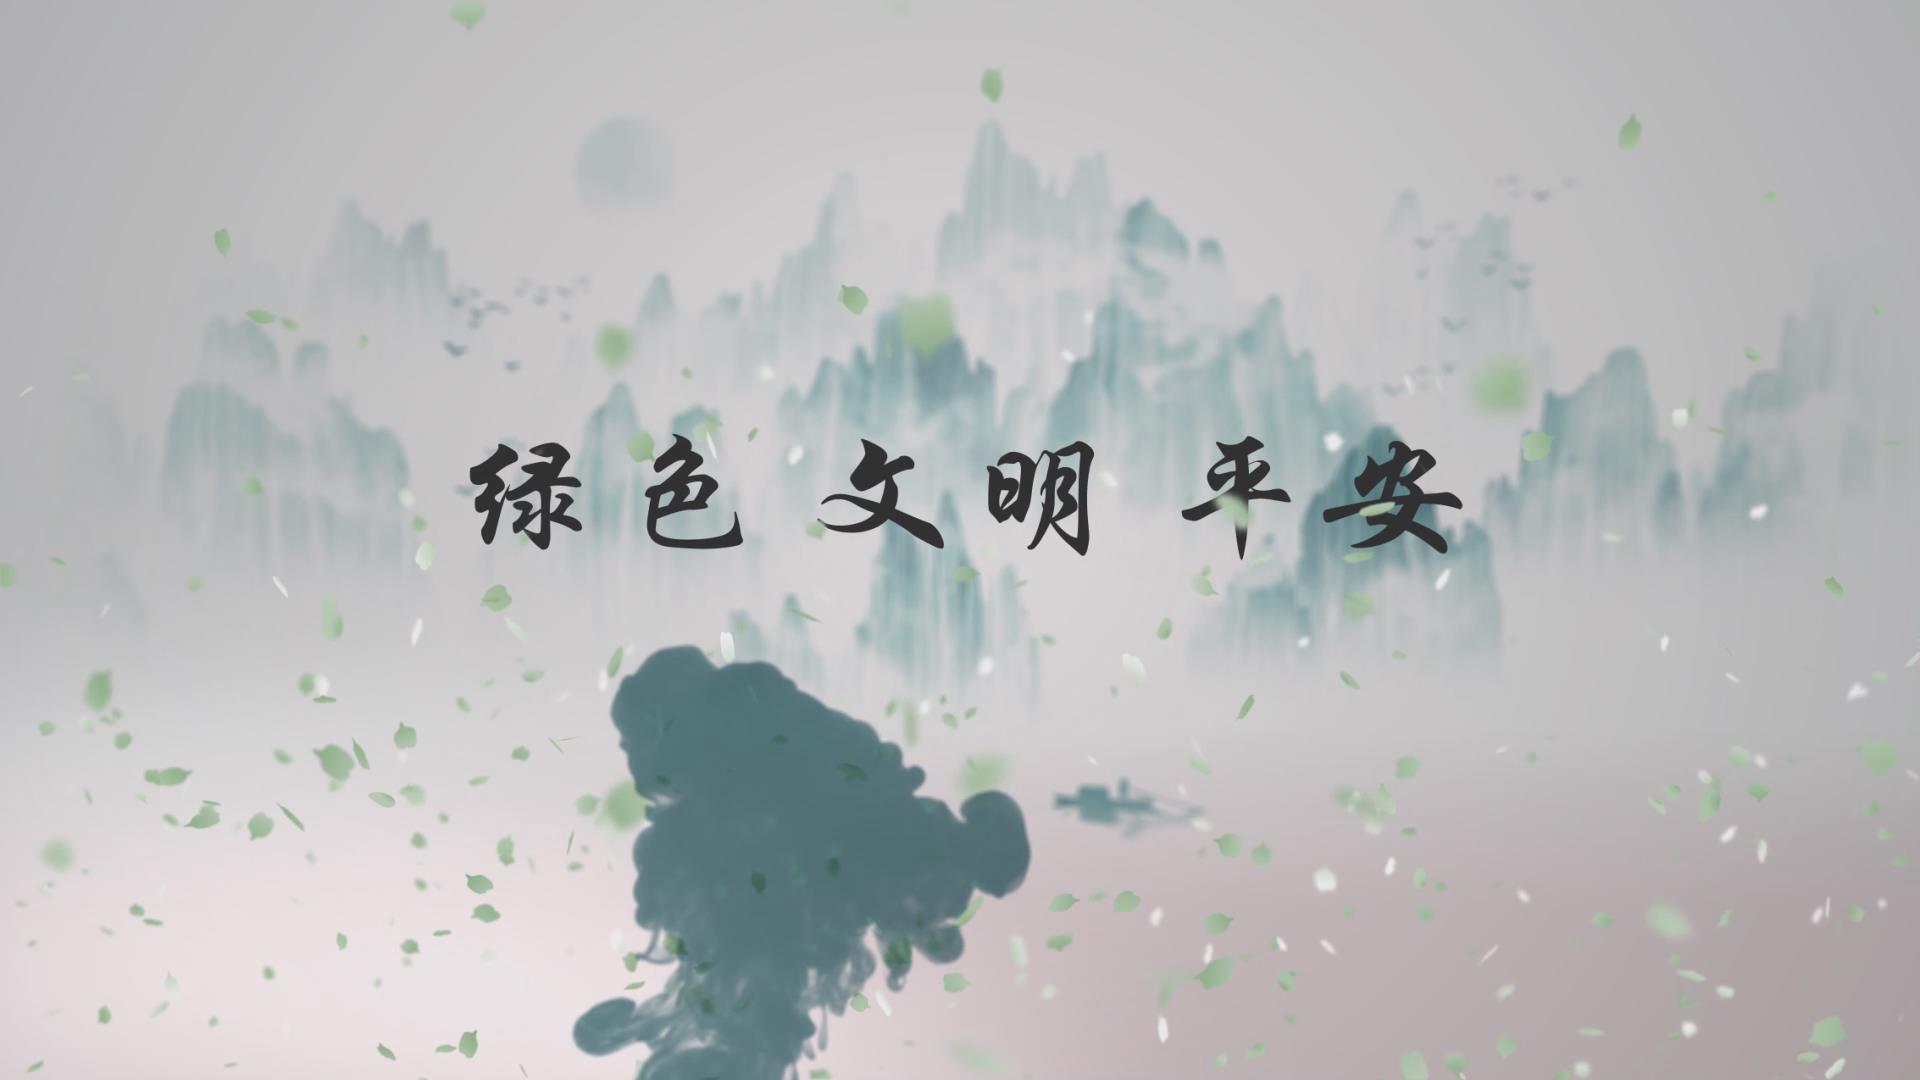 【舜网视频】共度一个绿色 文明 平安的清明假期